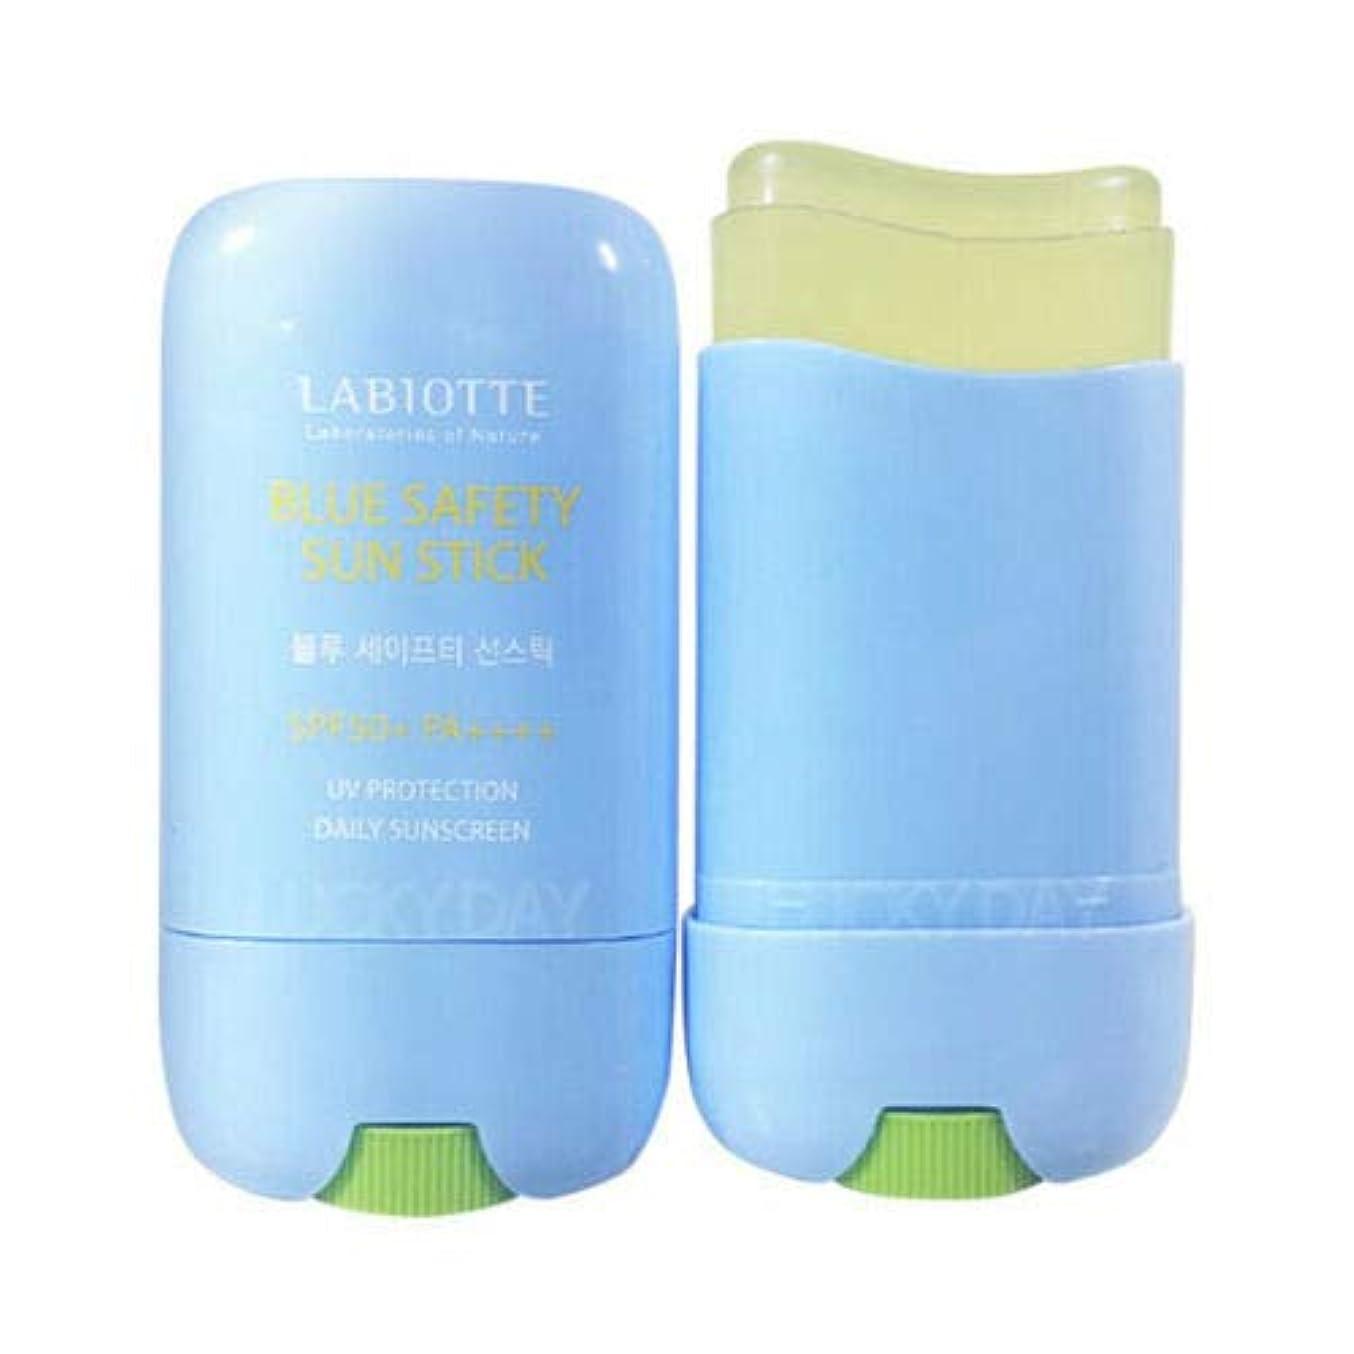 必須自宅で瞑想的LABIOTTE ラビオッテ ブルーセーフティーサンスティック 25g SPF50+ PA++++ Blue Safety Sun Stick 韓国日焼け止め